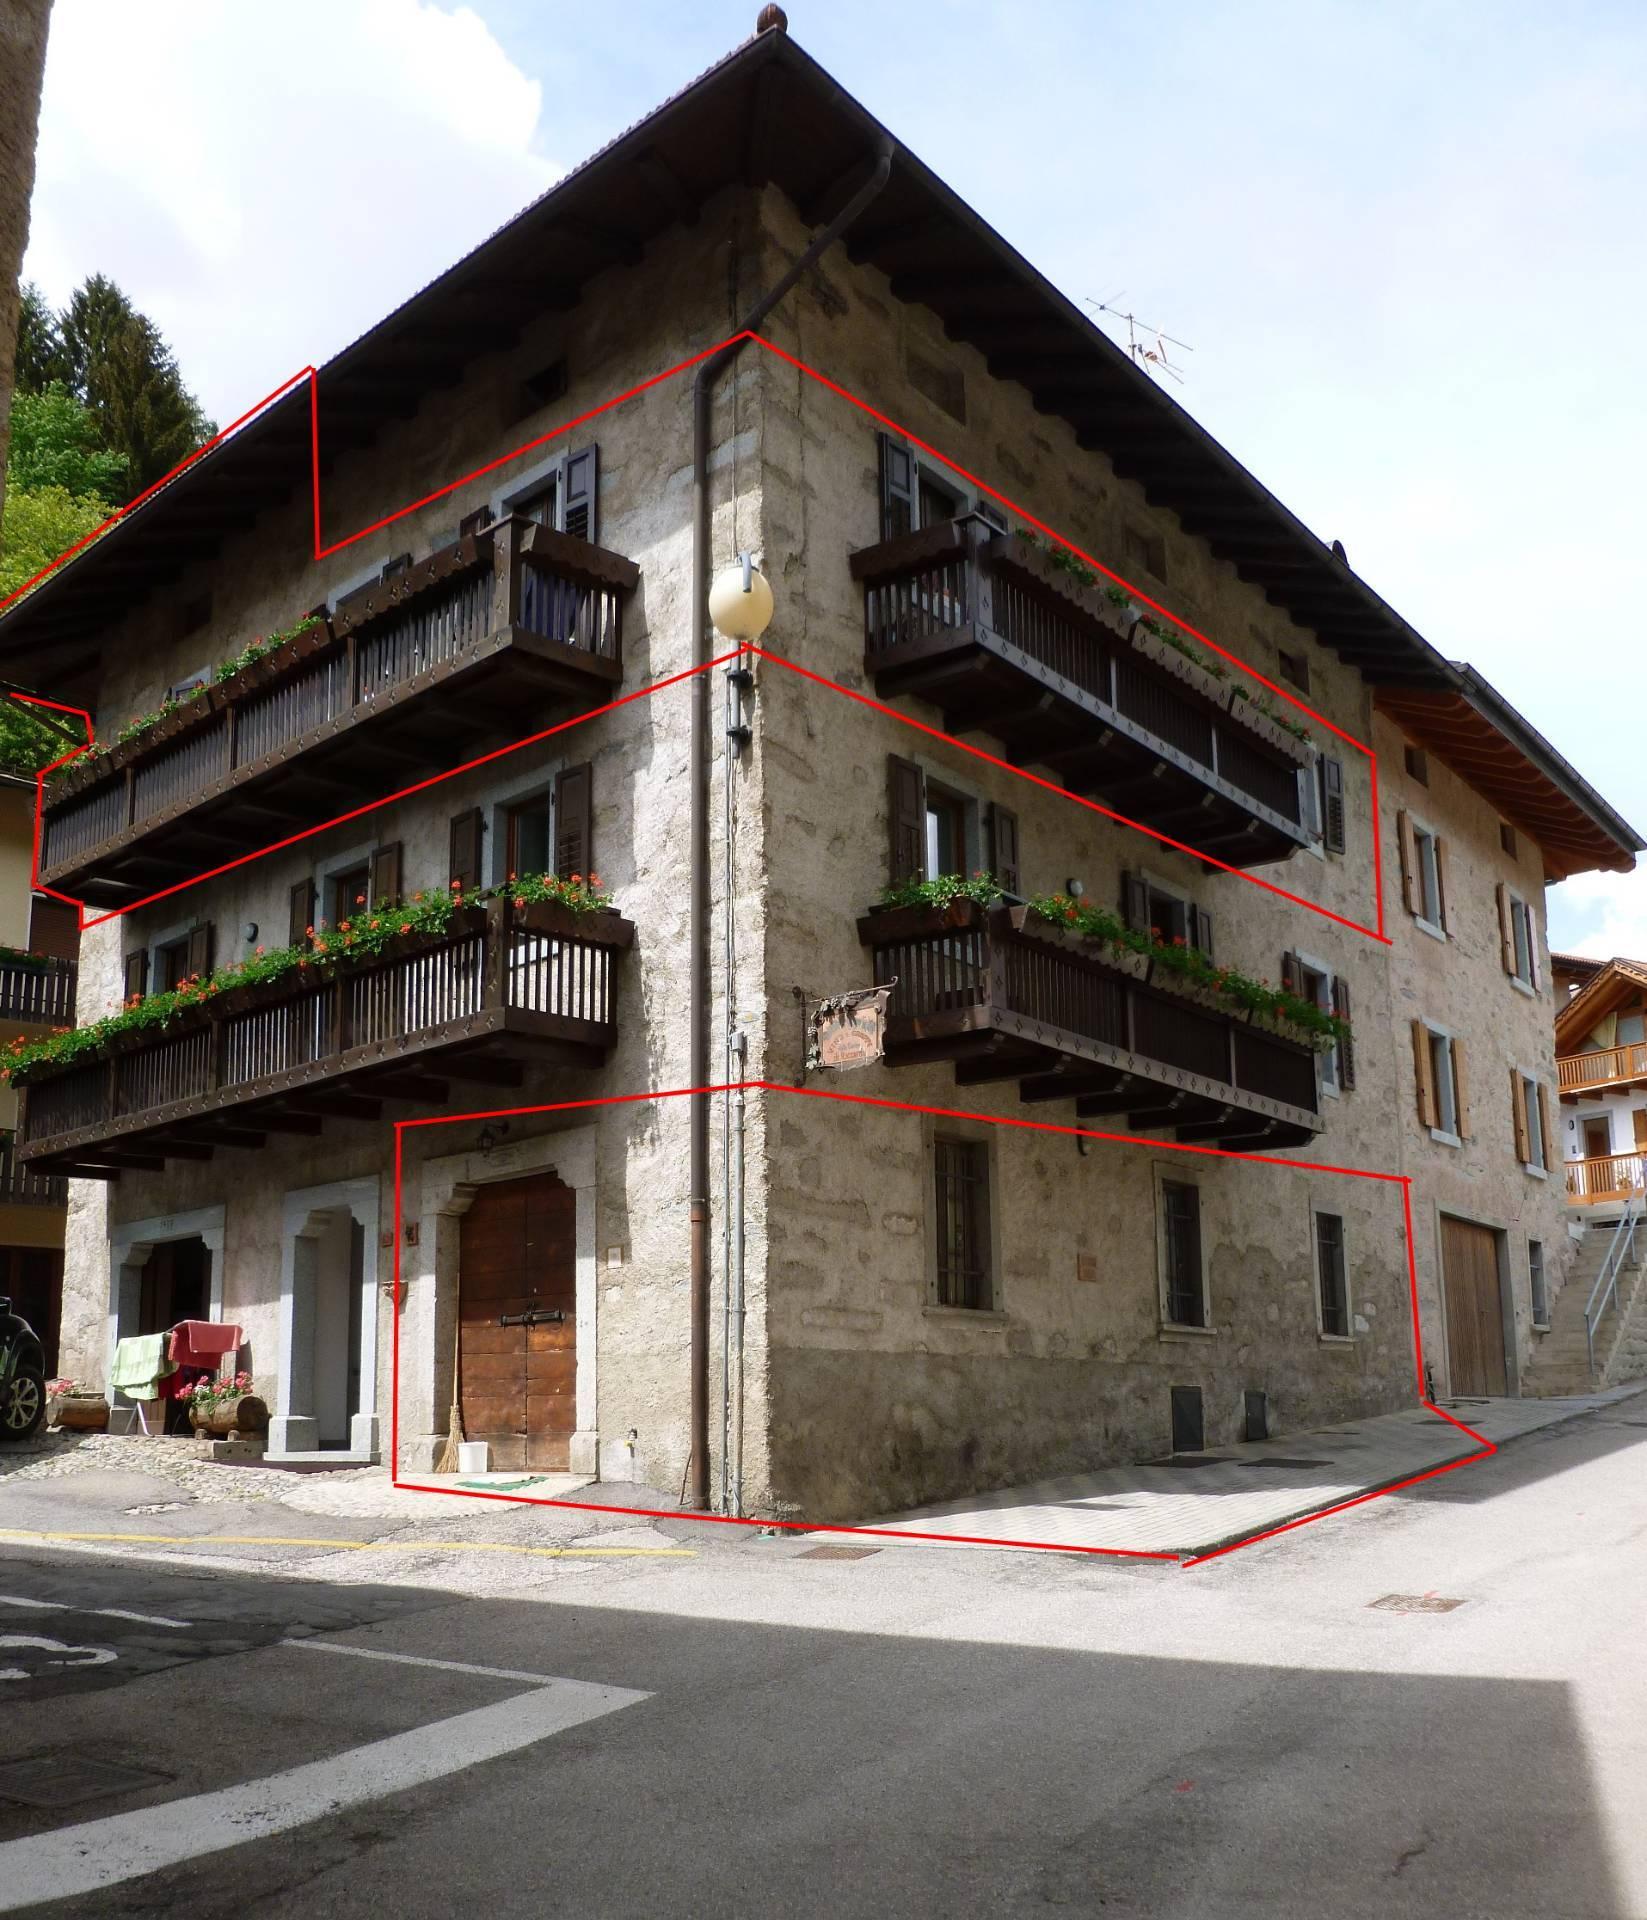 Appartamento in vendita a Spiazzo, 4 locali, zona Zona: Mortaso, prezzo € 280.000 | CambioCasa.it